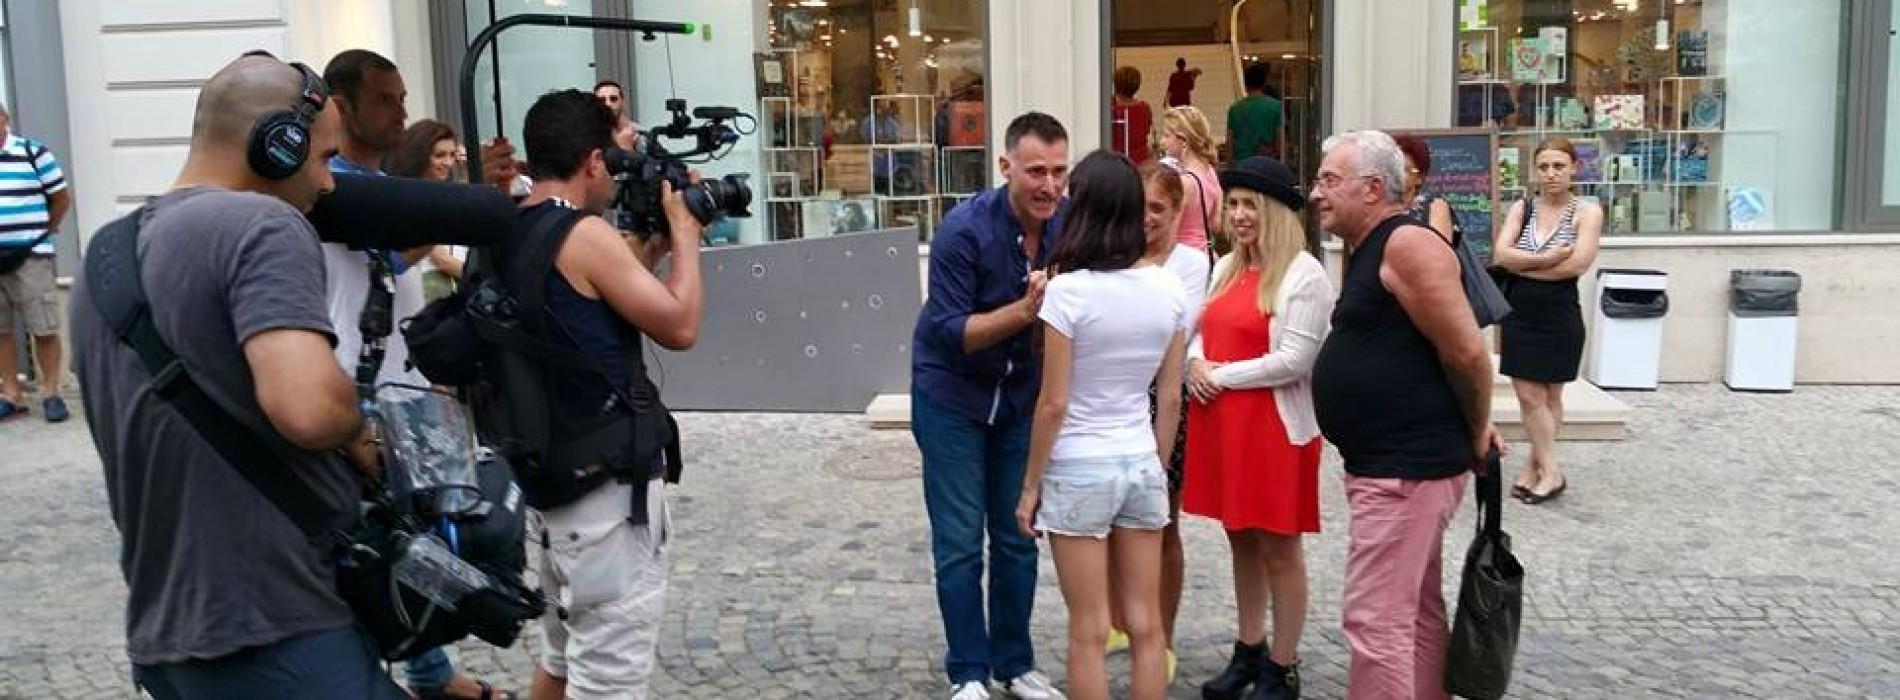 MENTALISTUL – E jumătate român, jumătate israelian și s-a întors în țară ca să o promoveze prin magie